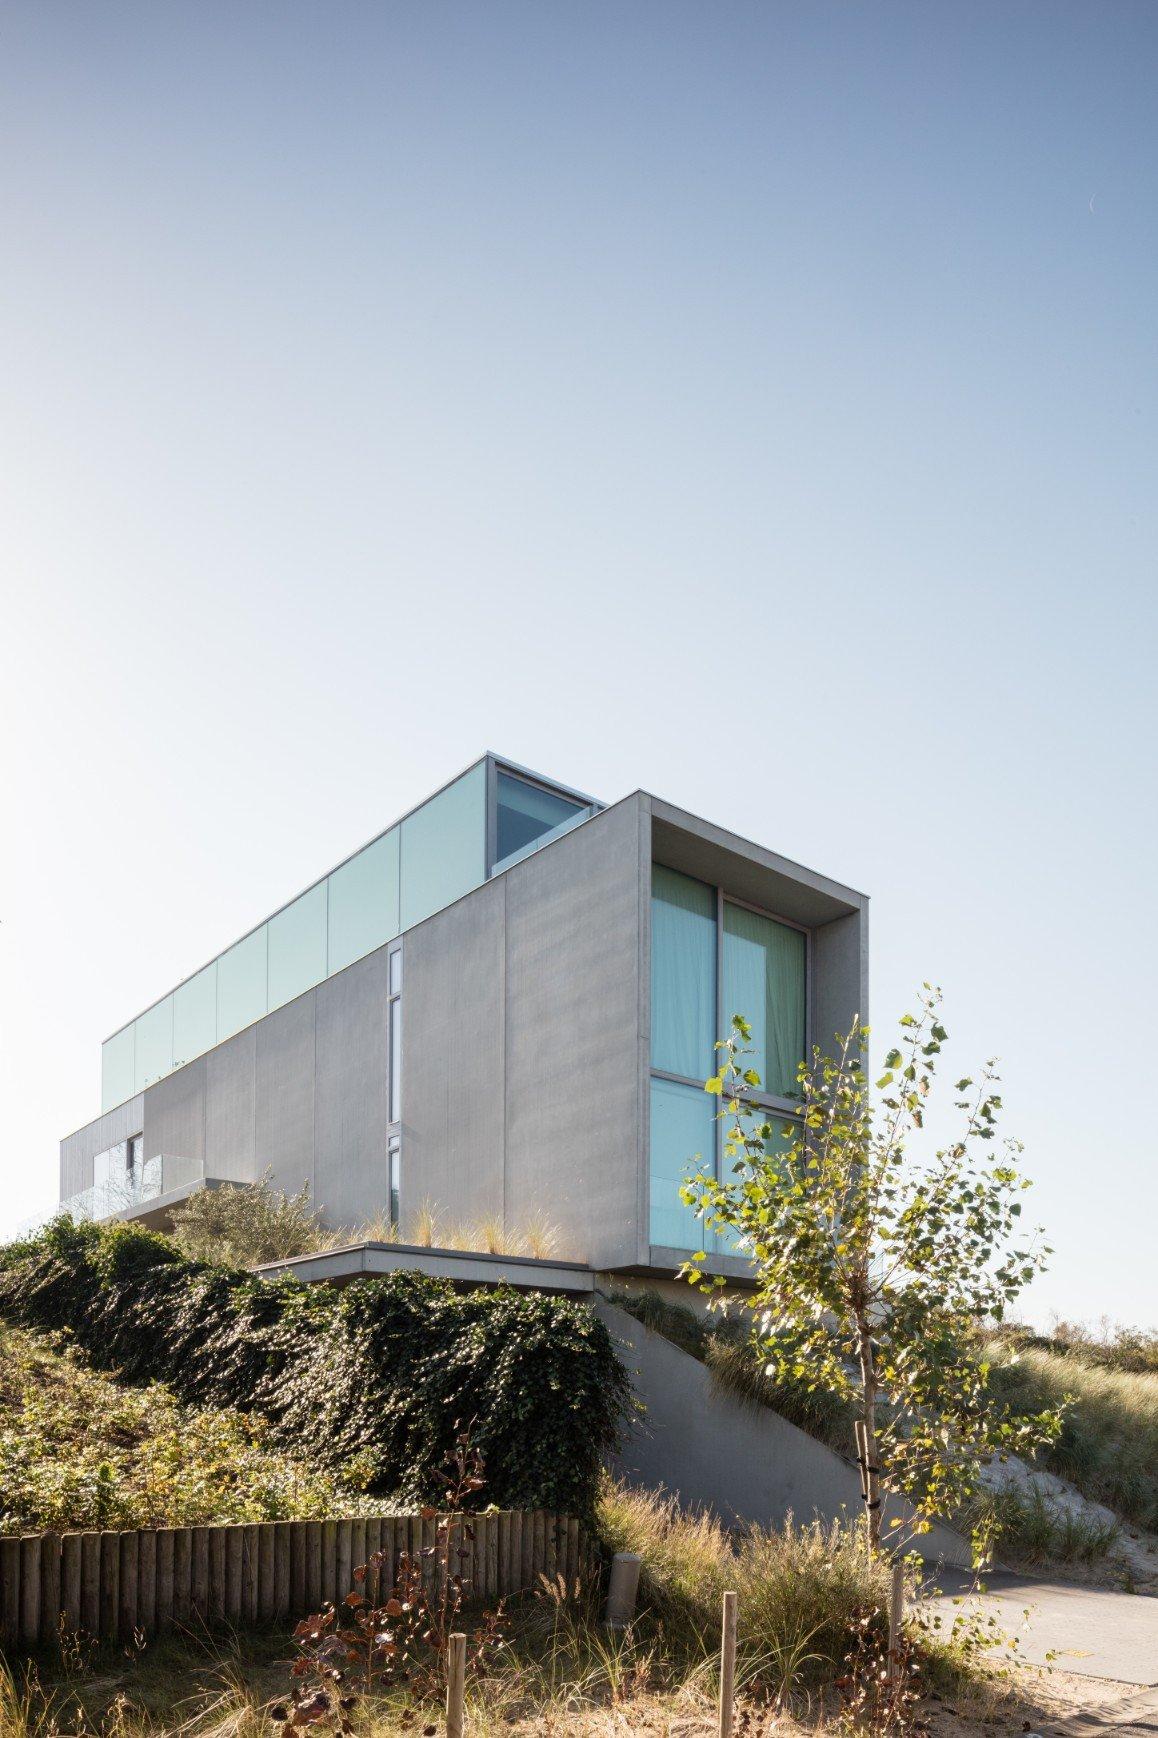 Rietveldprojects-saarinen-appartement-design-architectuur-kust-tvdv